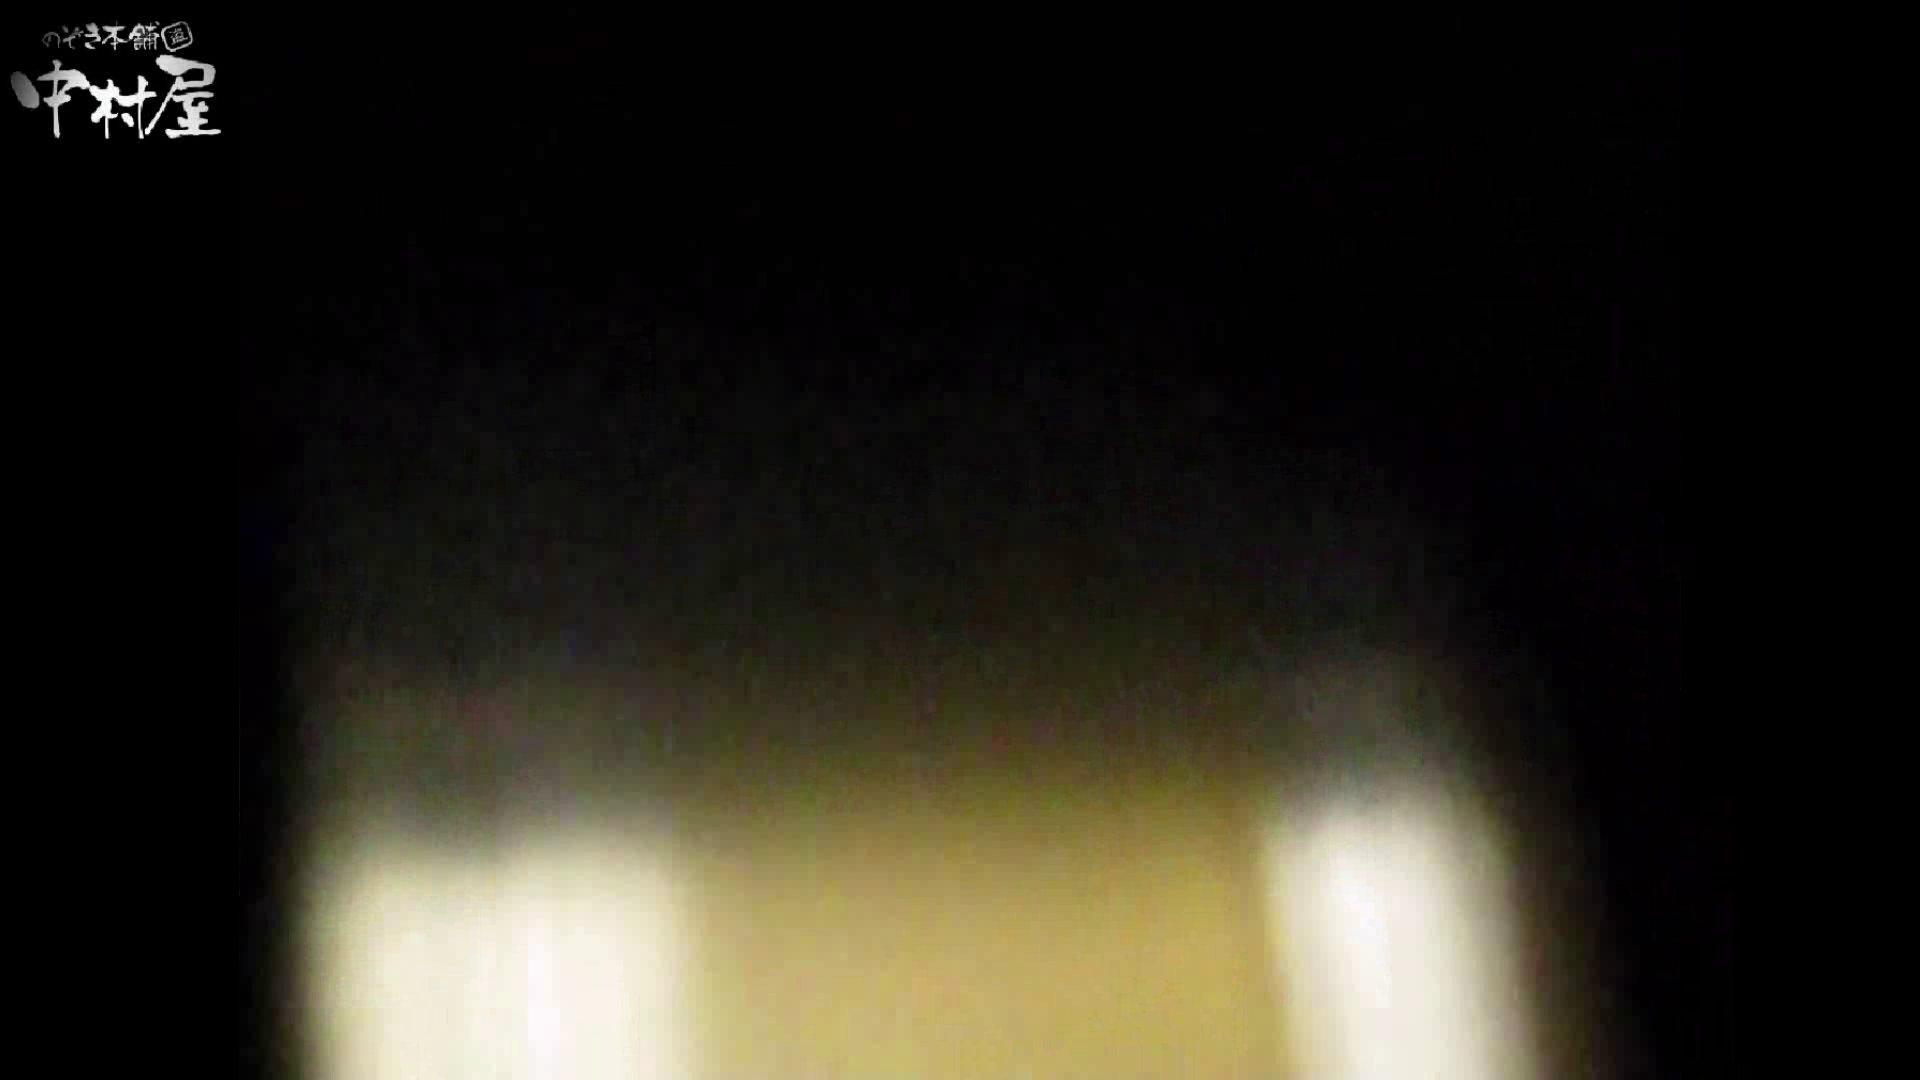 民家風呂専門盗撮師の超危険映像 vol.010 股間流出 オマンコ動画キャプチャ 98連発 22